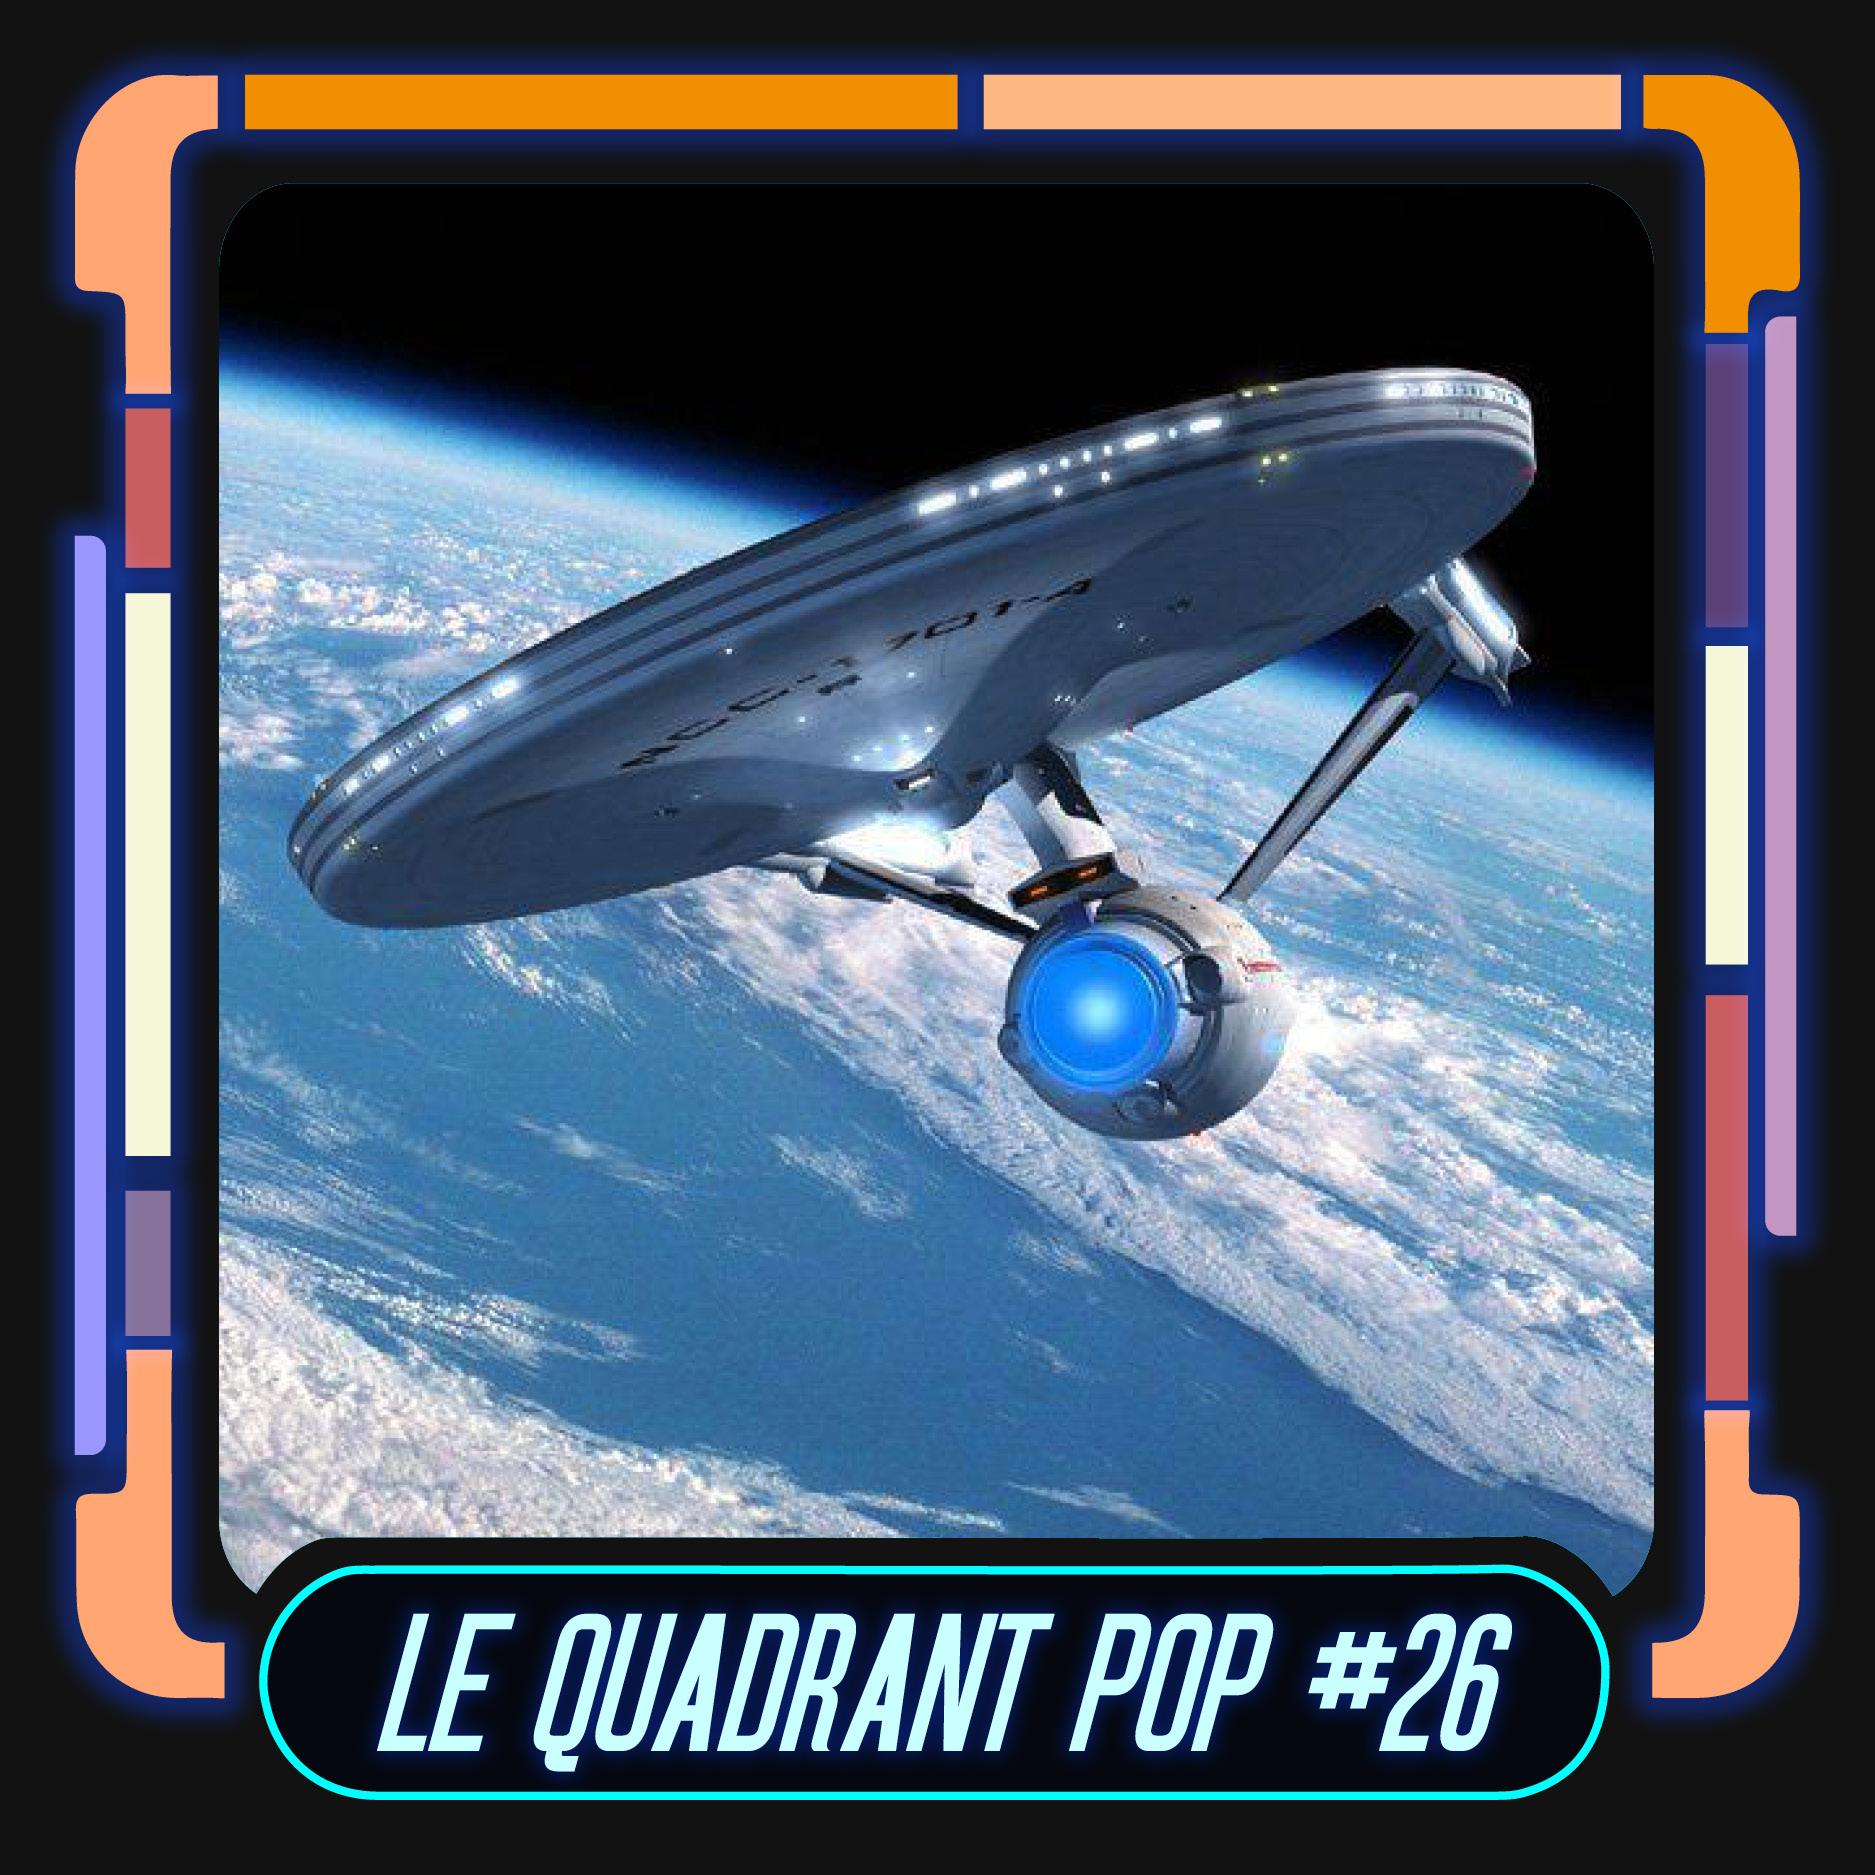 LE QUADRANT POP [Audio] - Page 5 MINIATURE-QP27-1